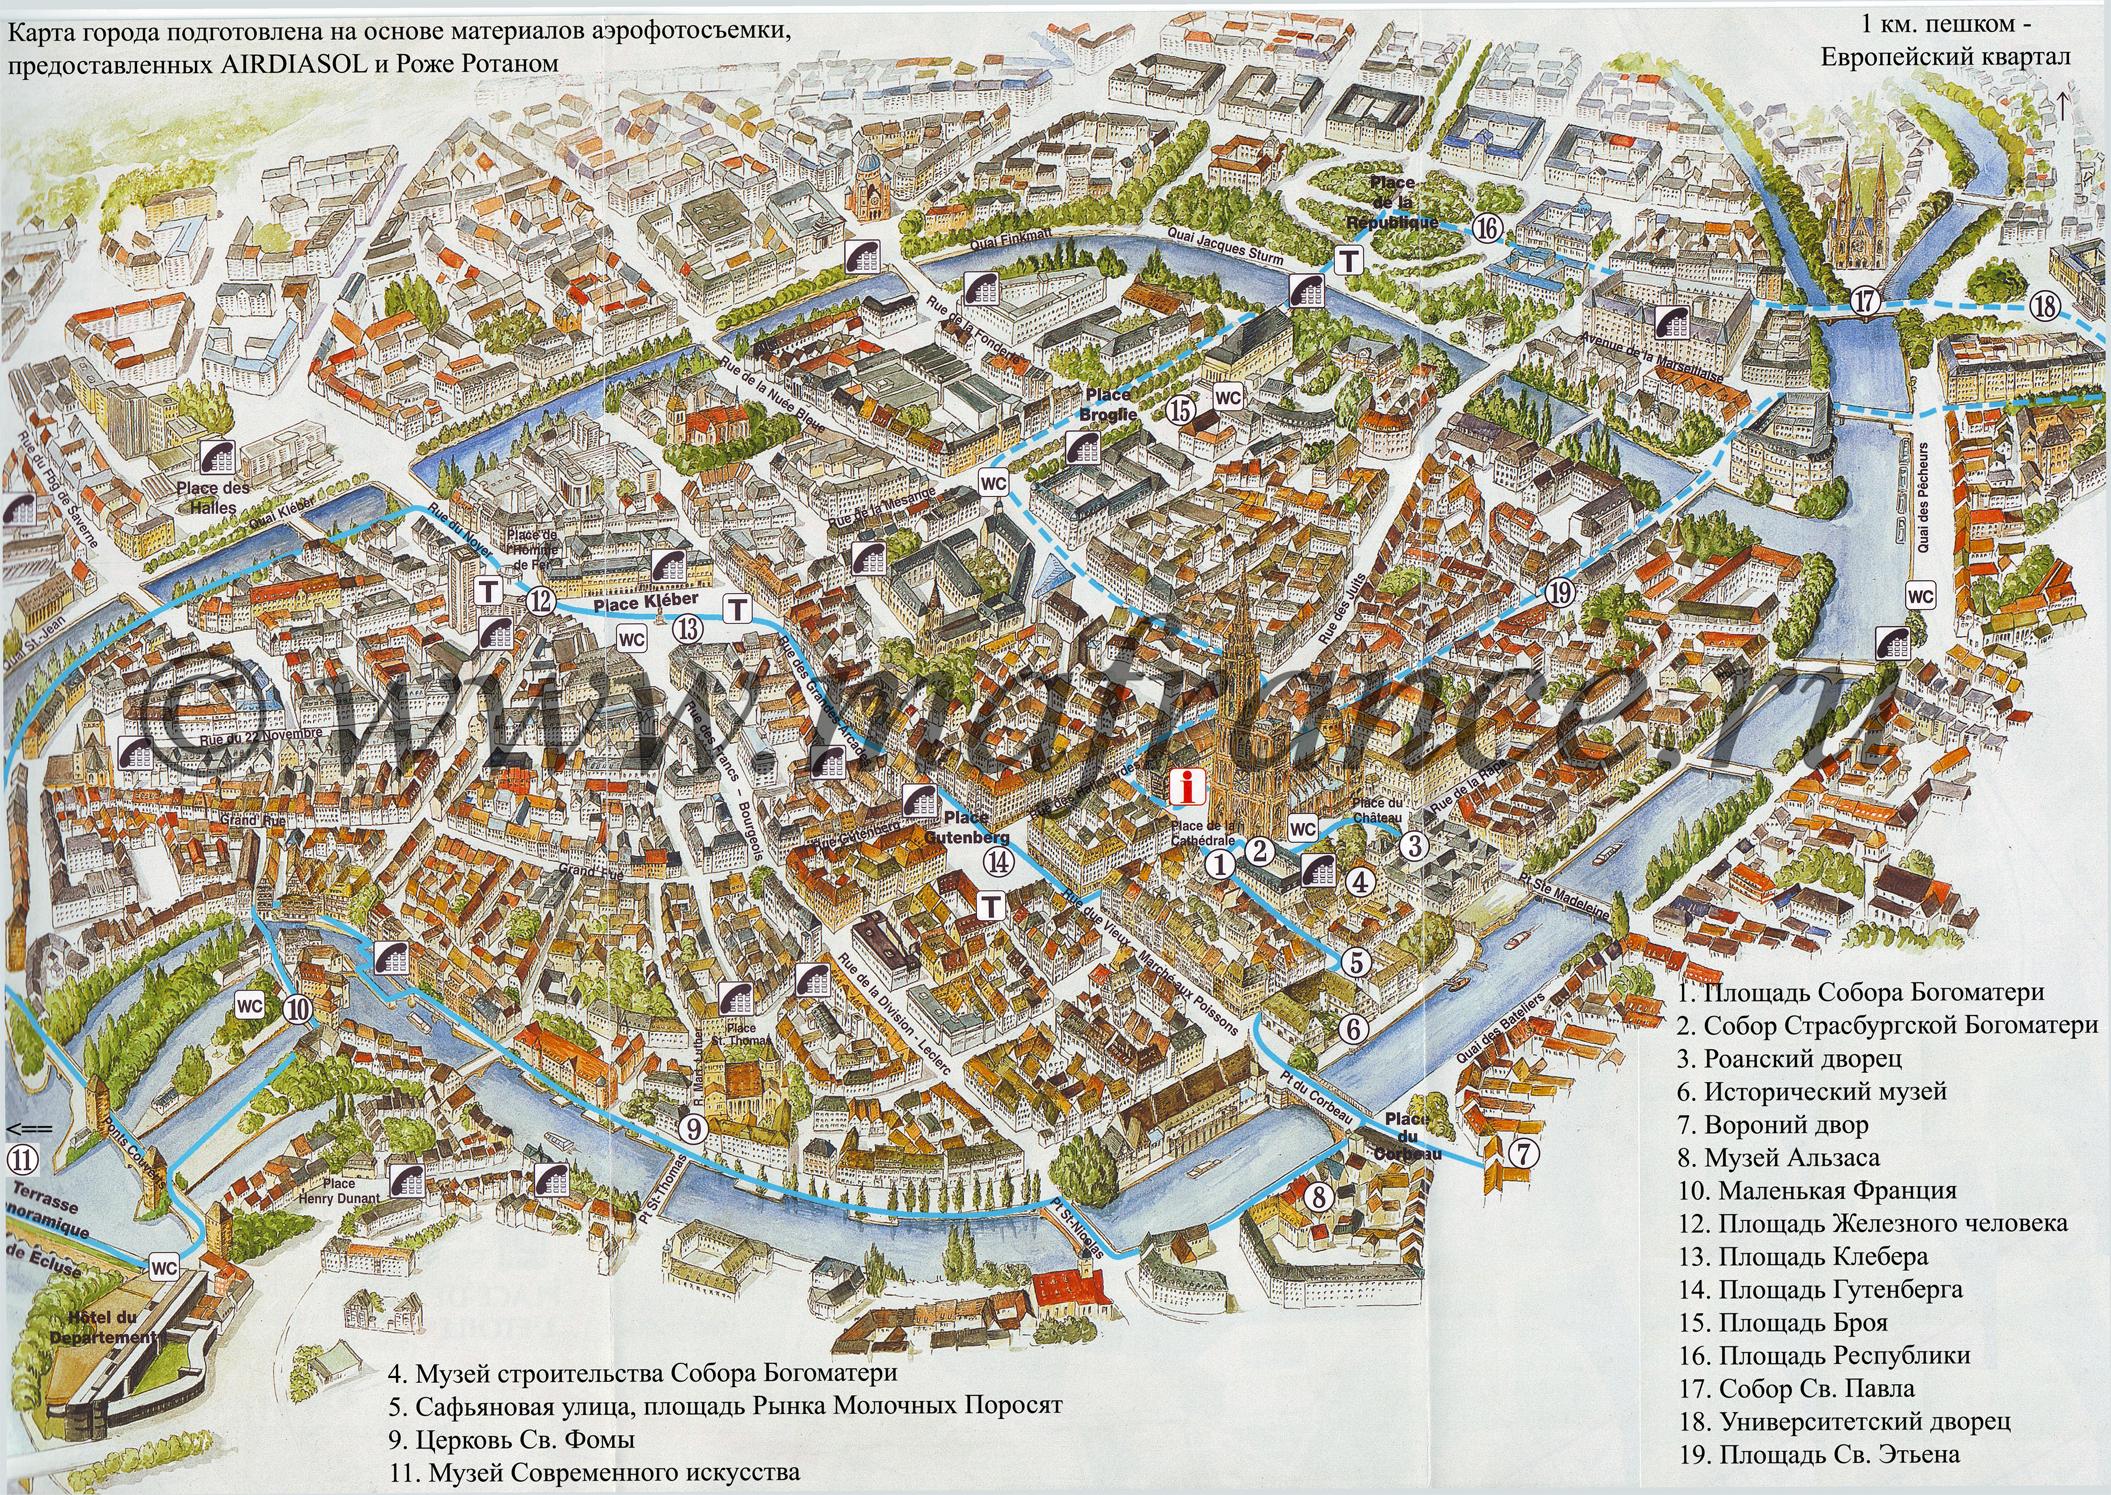 Podrobnaya Karta Strasburga Moya Franciya